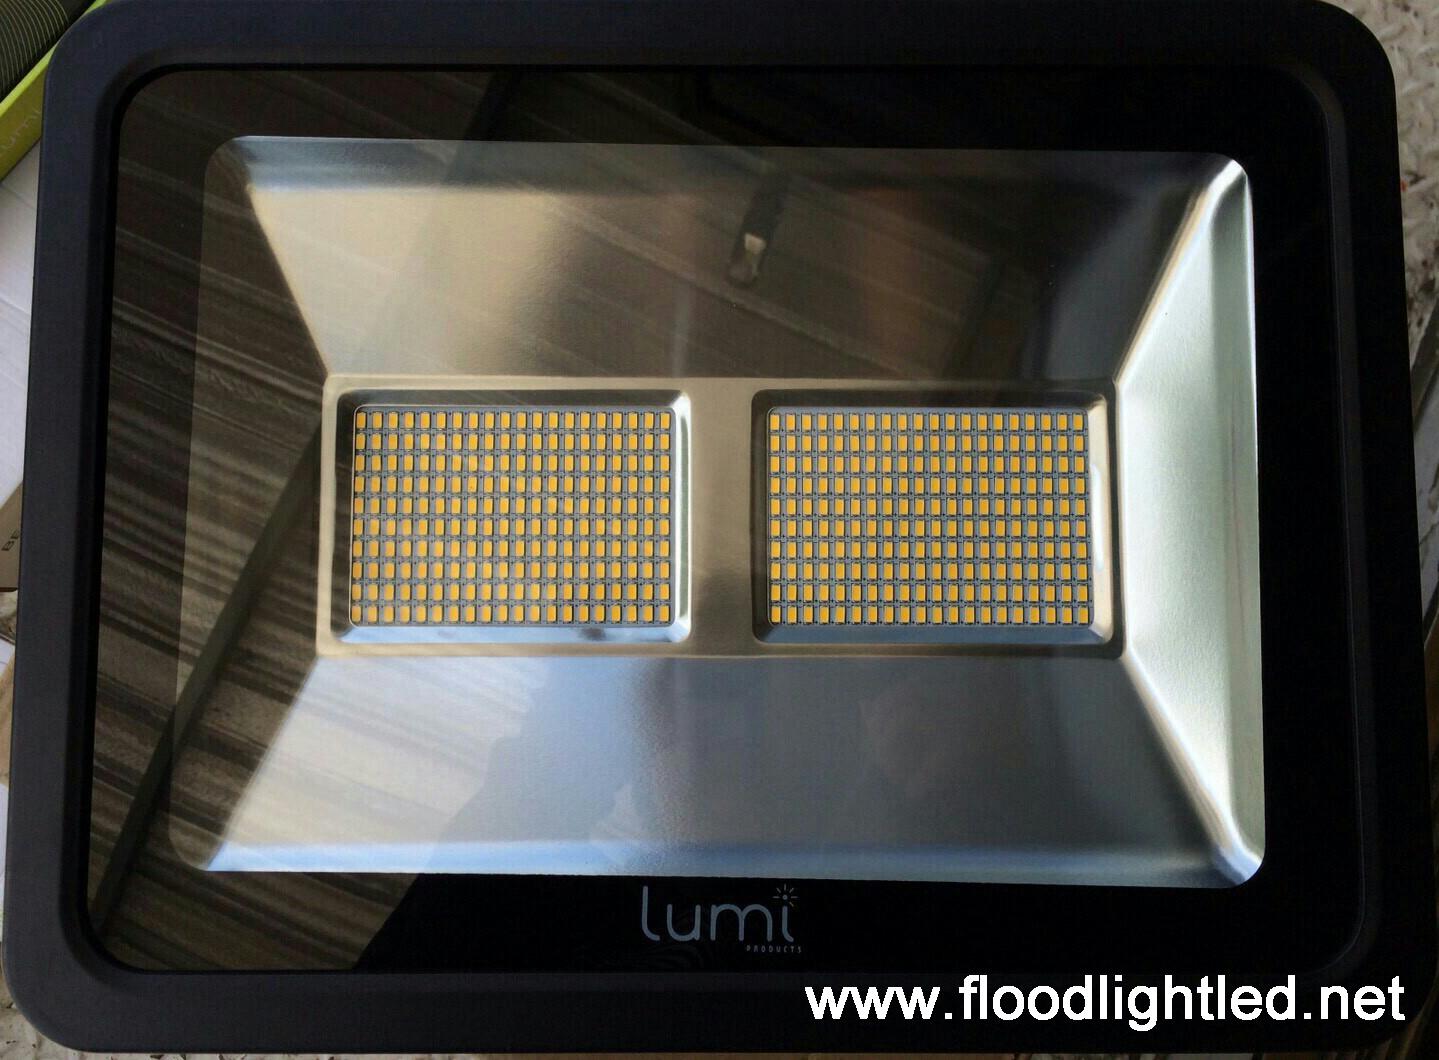 สปอร์ตไลท์LED Lumi 200w แสงขาว